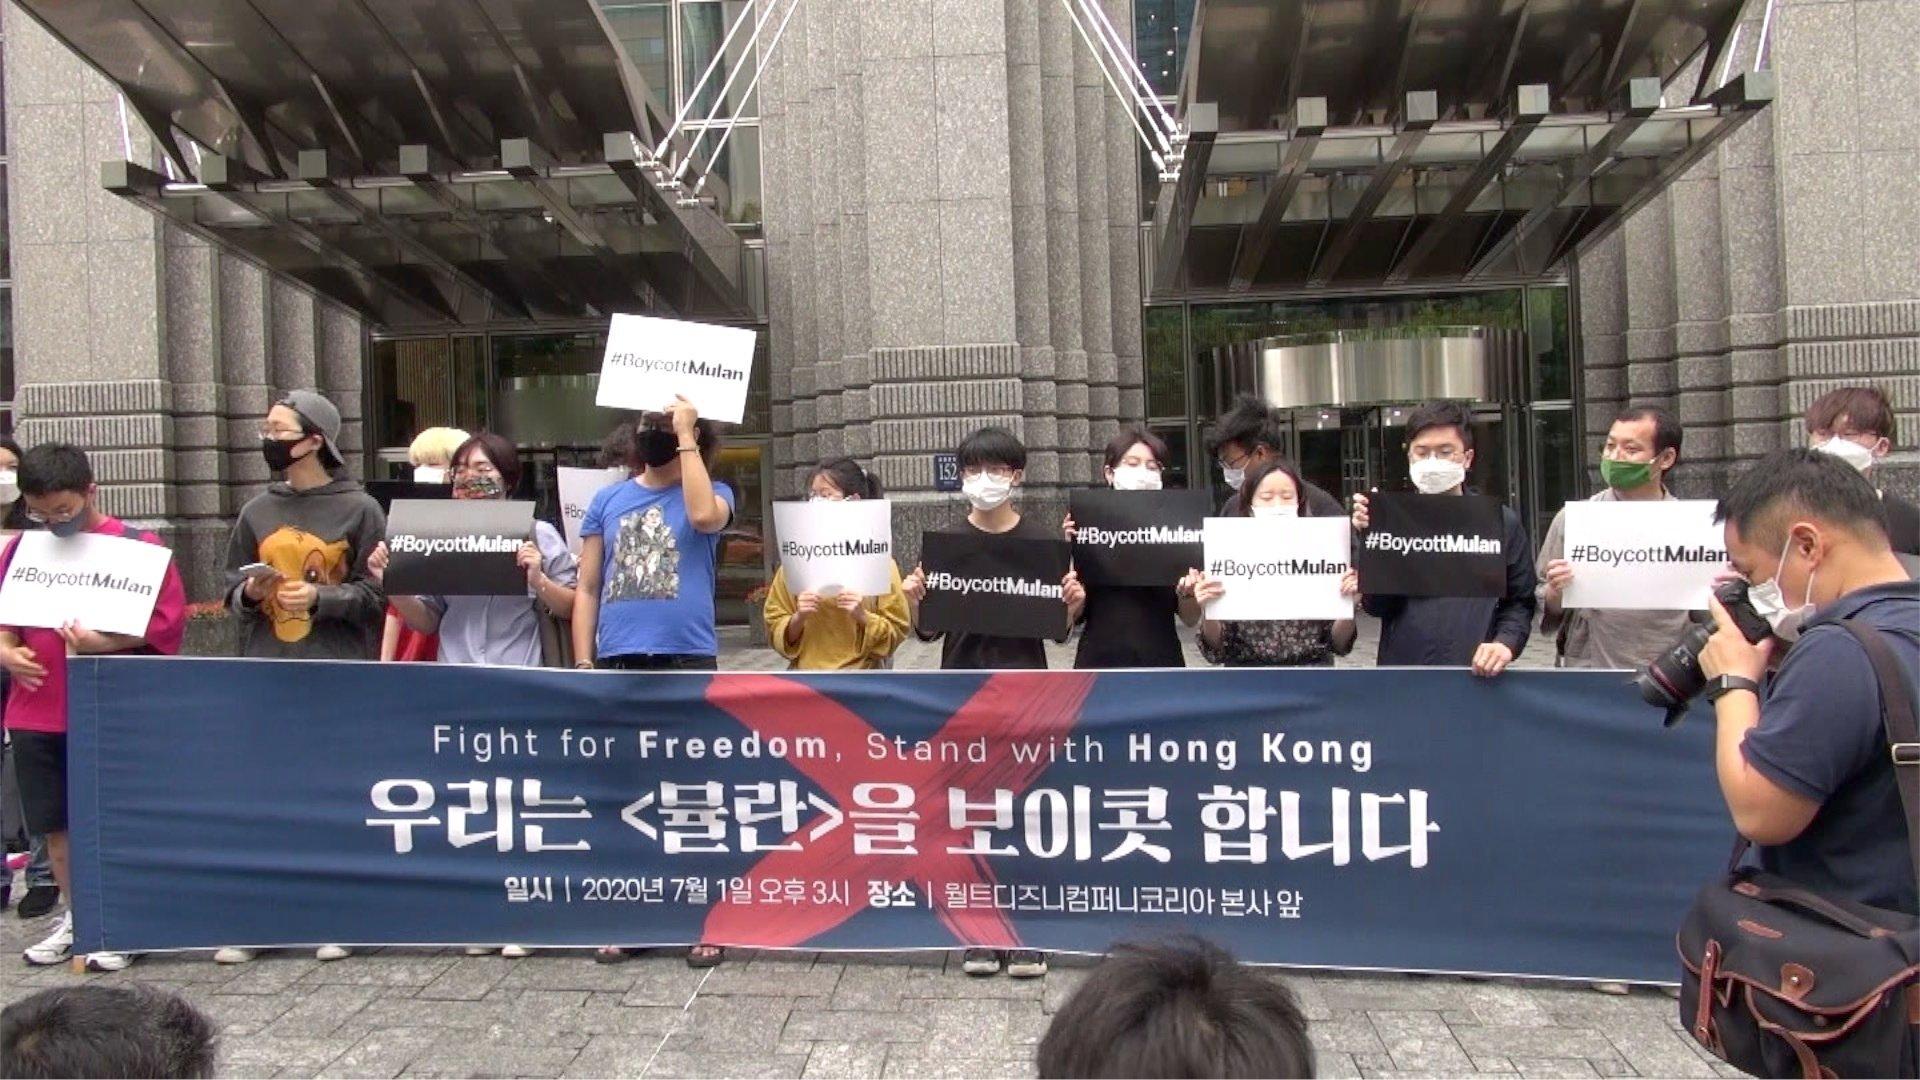 南韓大學生和青年團體在南韓迪士尼公司前舉辦記者見面會,抵制《花木蘭》在南韓上映。(新唐人截圖)